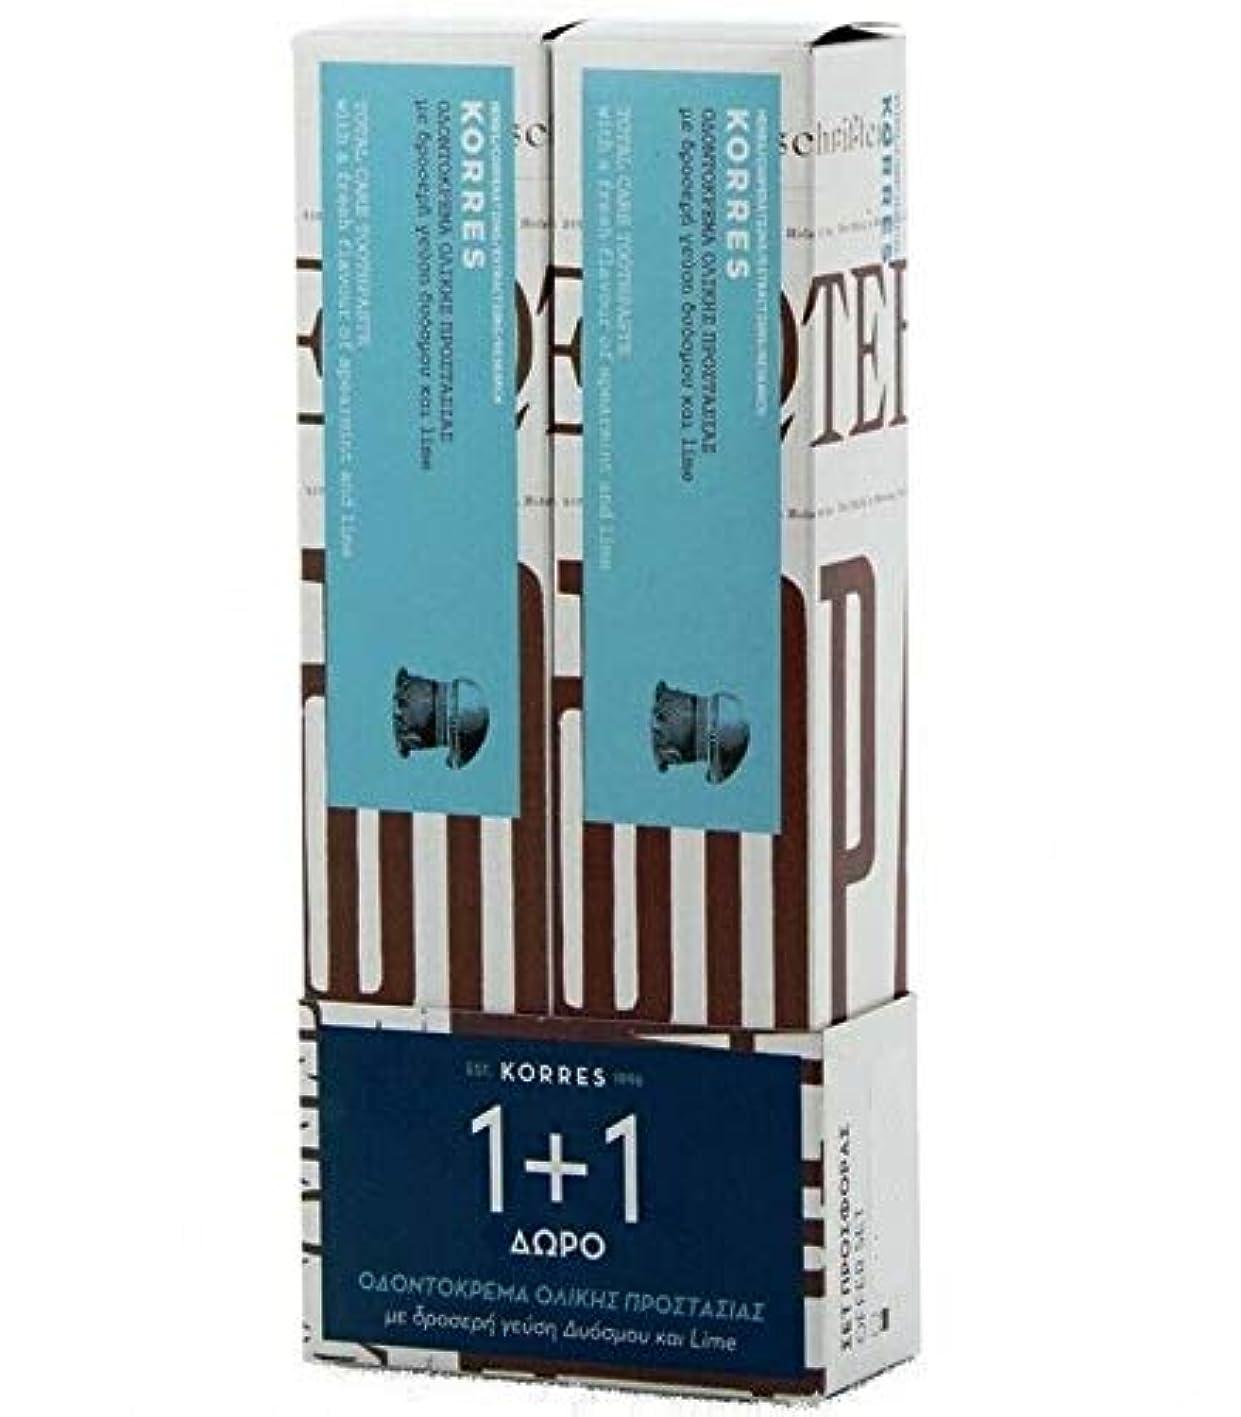 レバー摘む別のKorres トータルケア歯磨き粉 フレッシュフレーバーオブスペアミント&ライム 1+1 提供